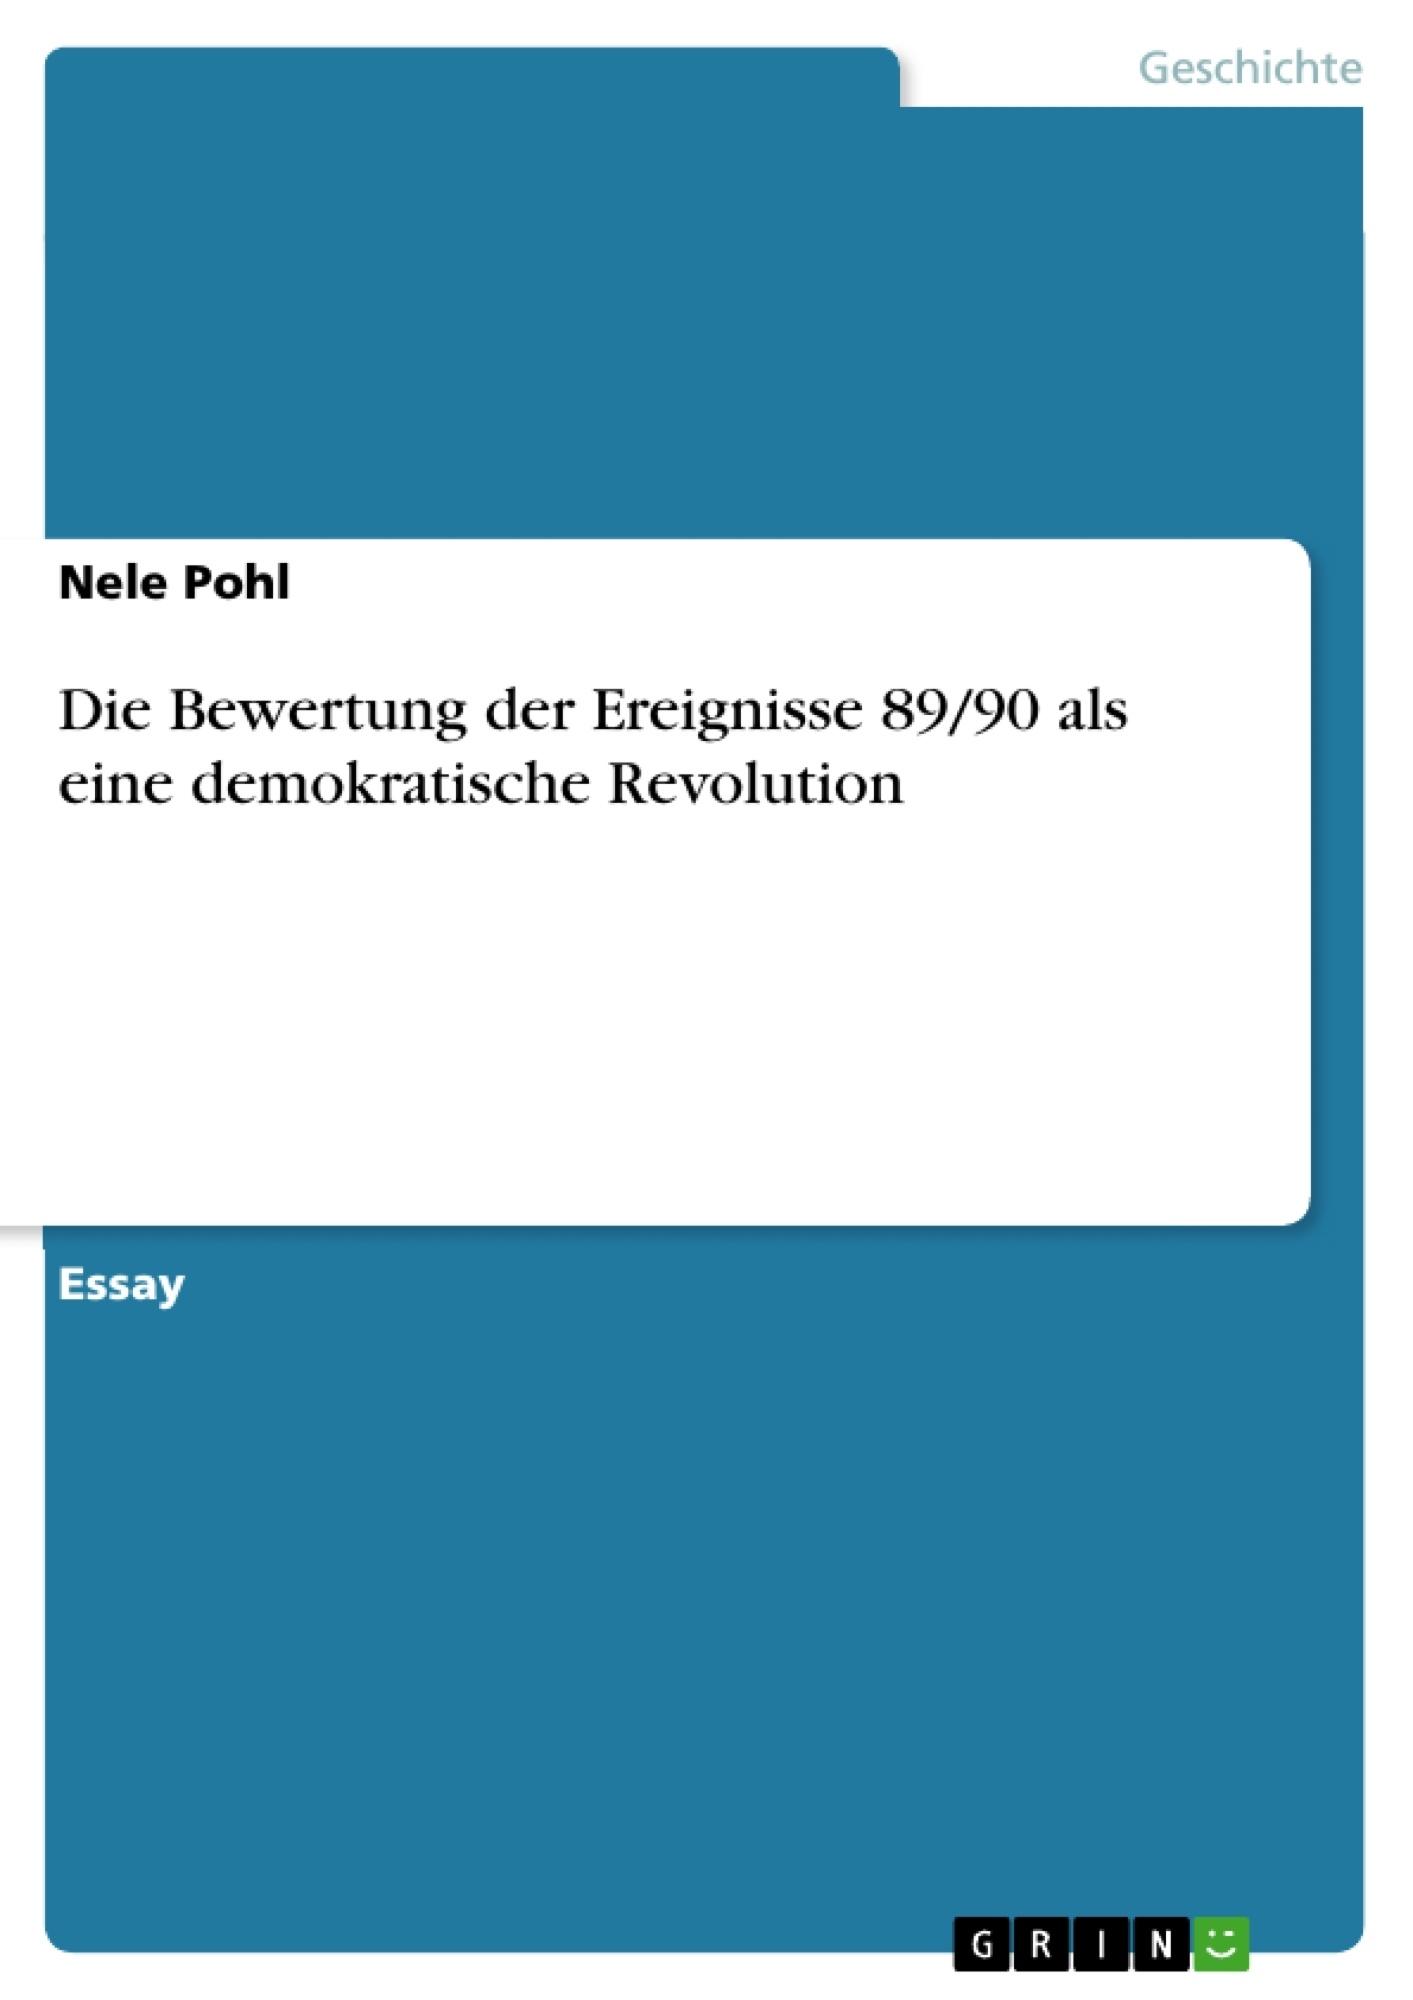 Titel: Die Bewertung der Ereignisse 89/90 als eine demokratische Revolution